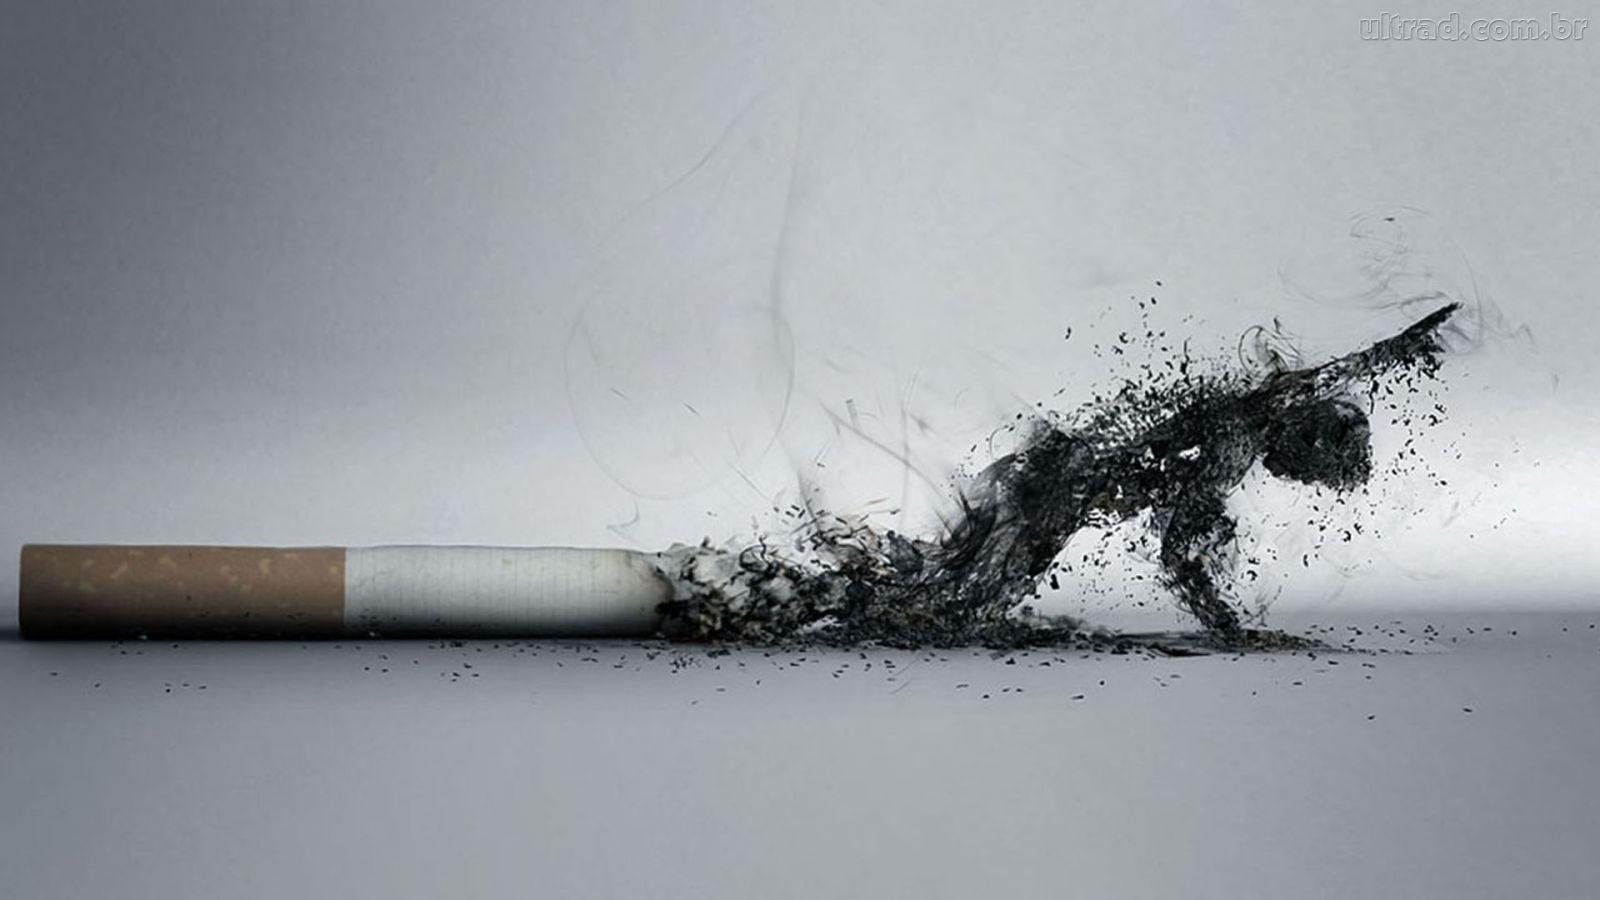 Cigarro, Tabagismo e saúde do coração: vamos falar sobre?, Abreu Cardiologia